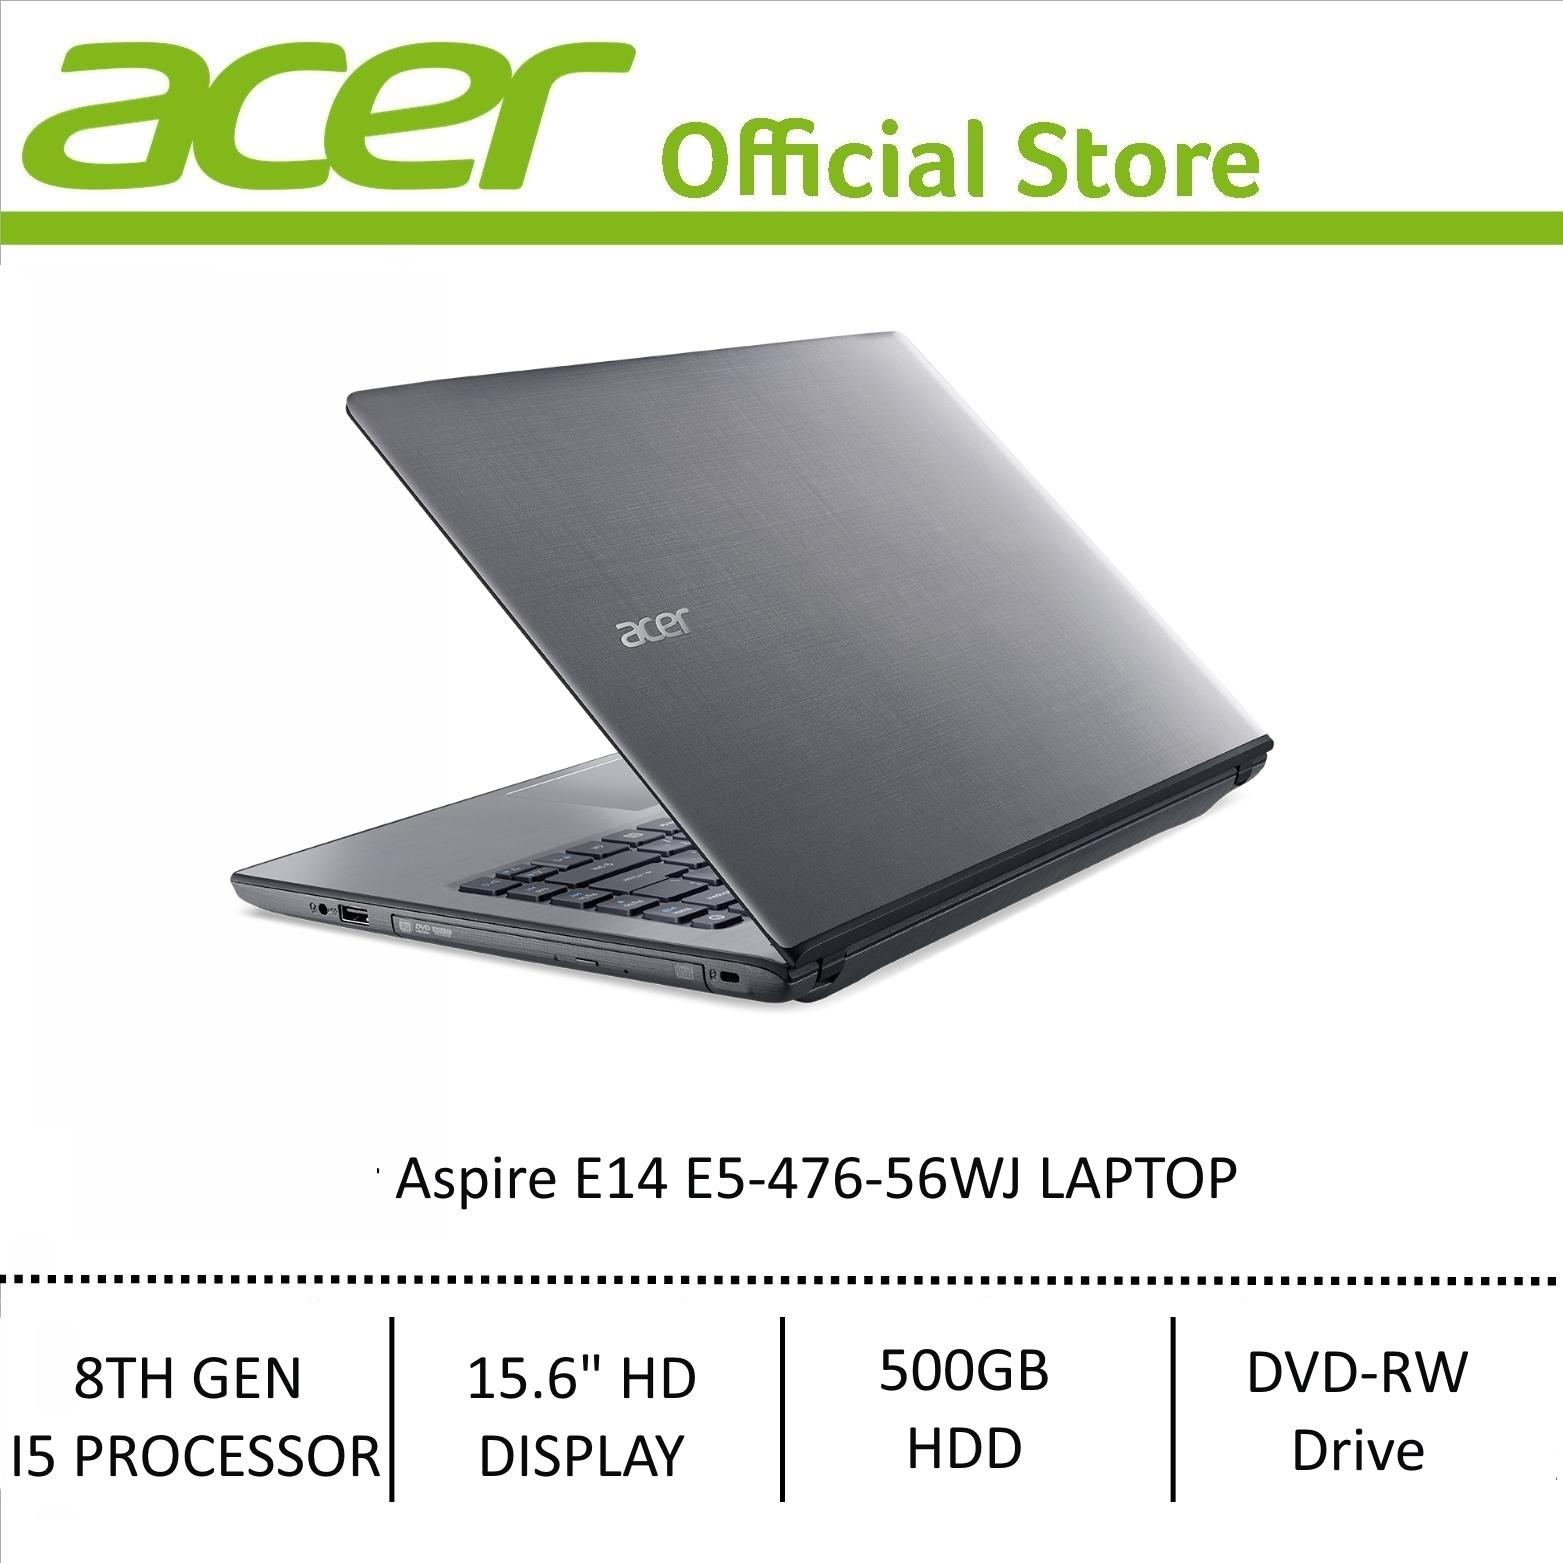 Acer Aspire E14 E5-476-56WJ Laptop